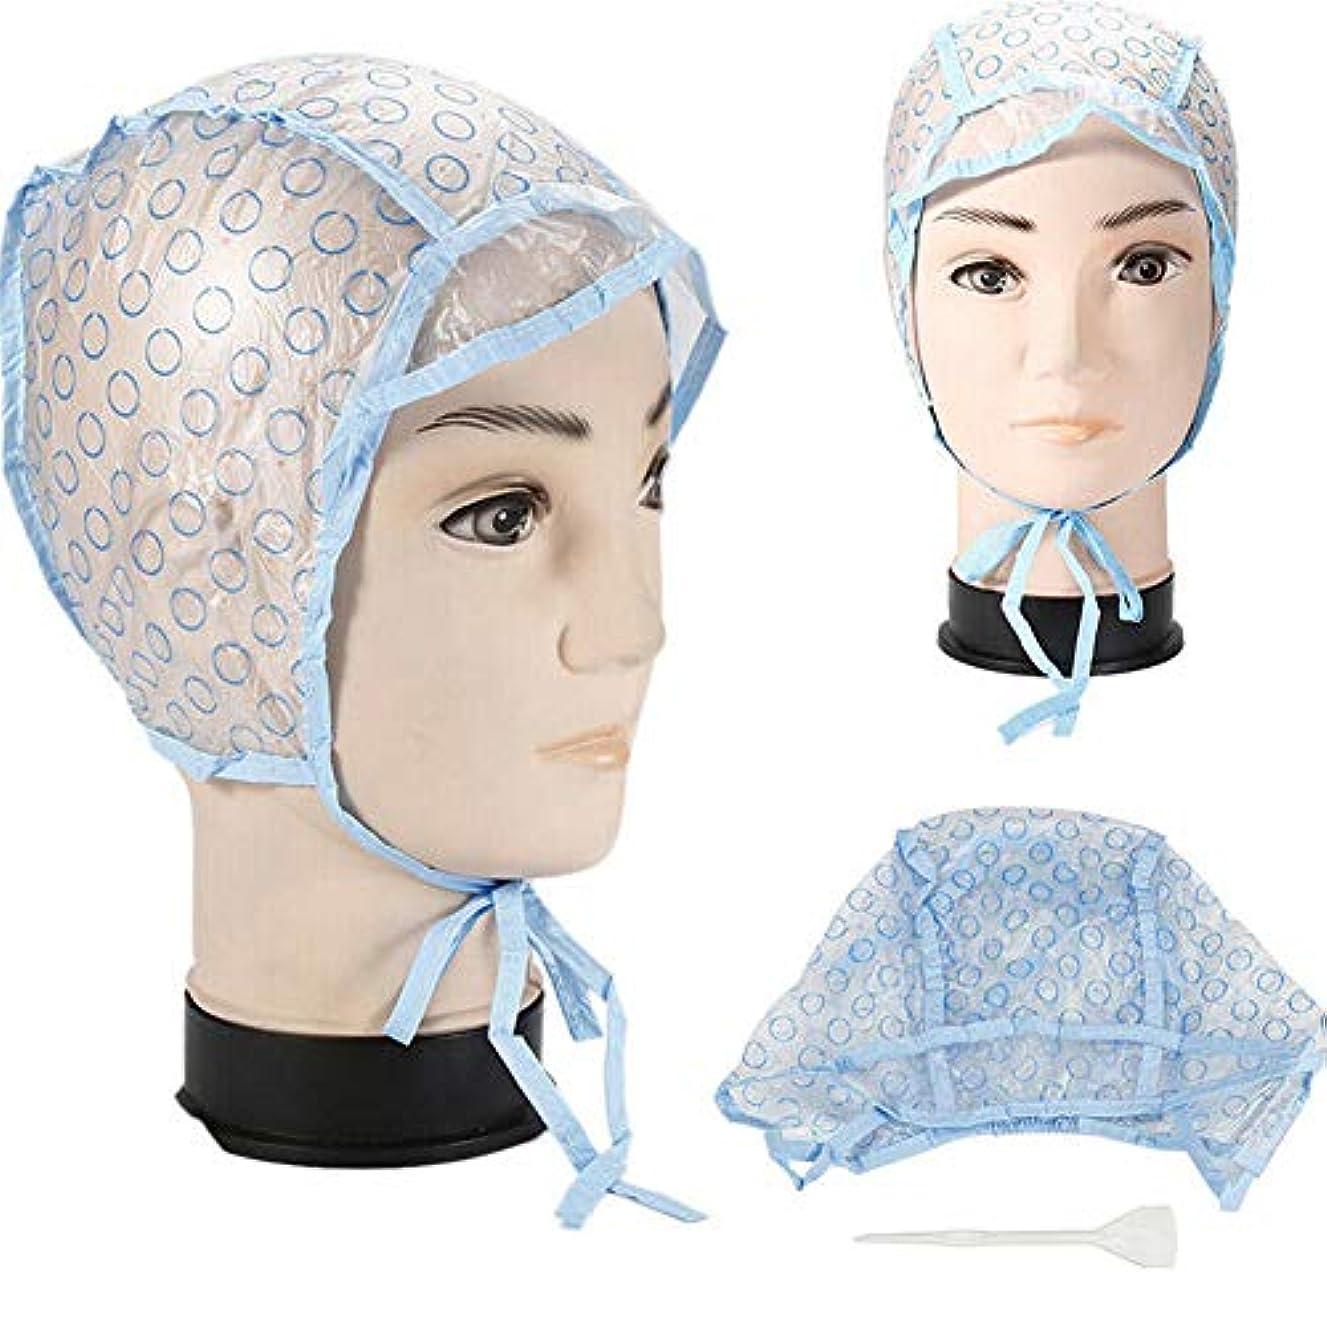 毛細血管スキーム合図強調表示キャップ、ホームサロンの使用のためのプラスチック製のフック付き使い捨て髪強調表示サロン髪の着色染料キャップ